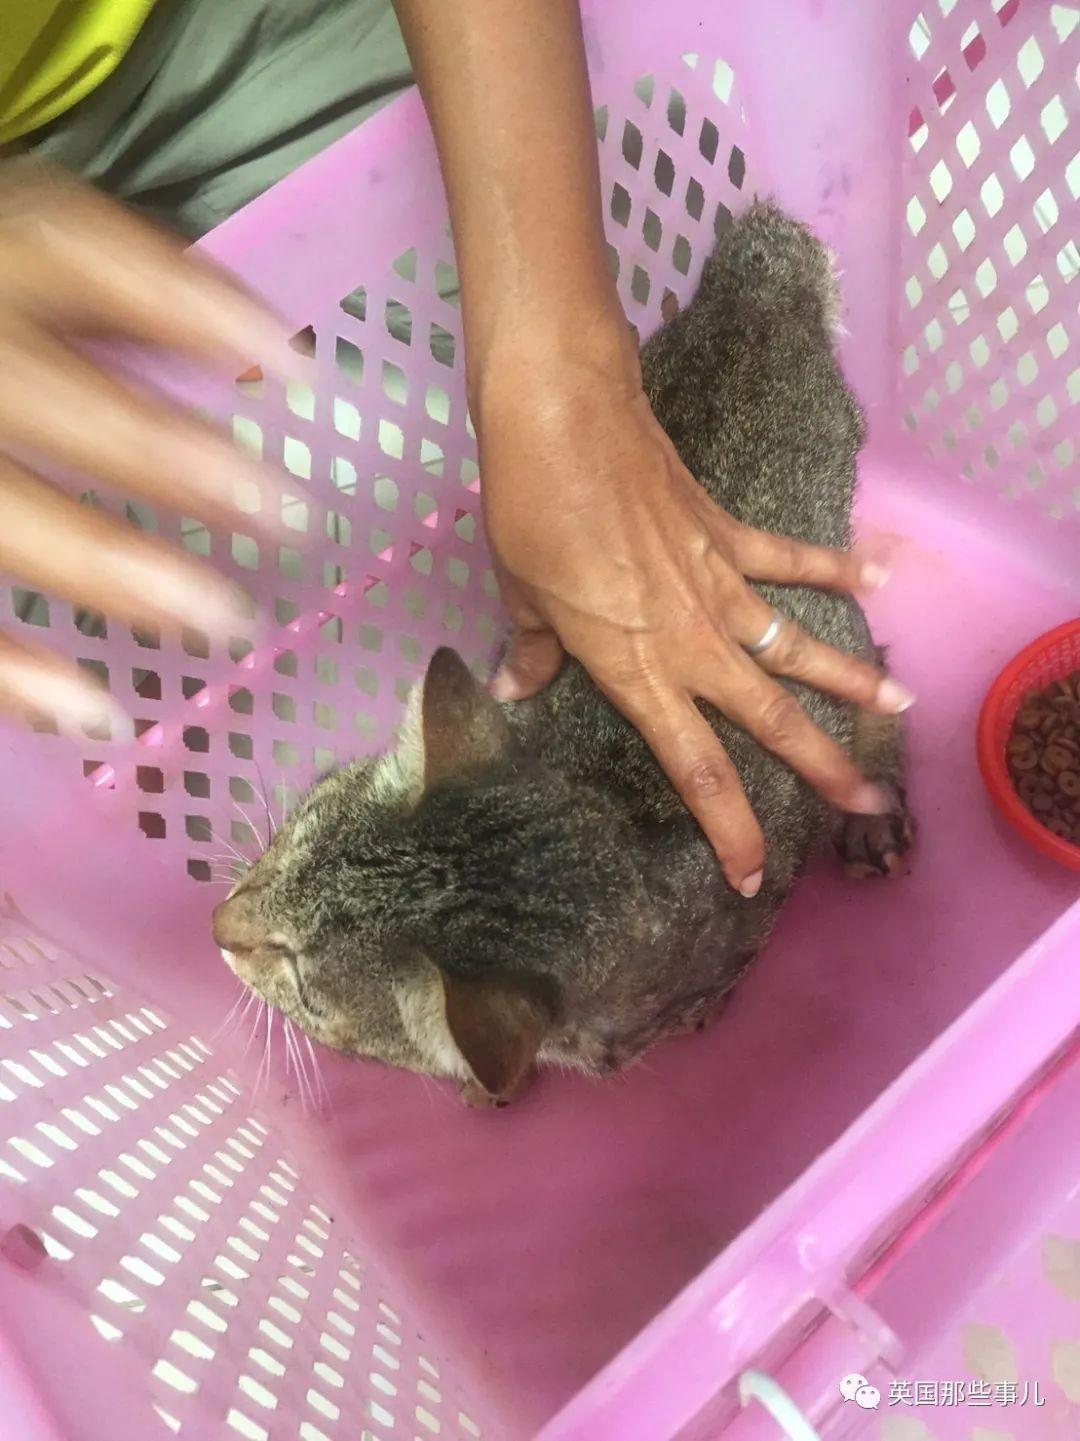 中国男子在泰国虐猫,被捕还辩称不懂法律,如今判刑遣返!